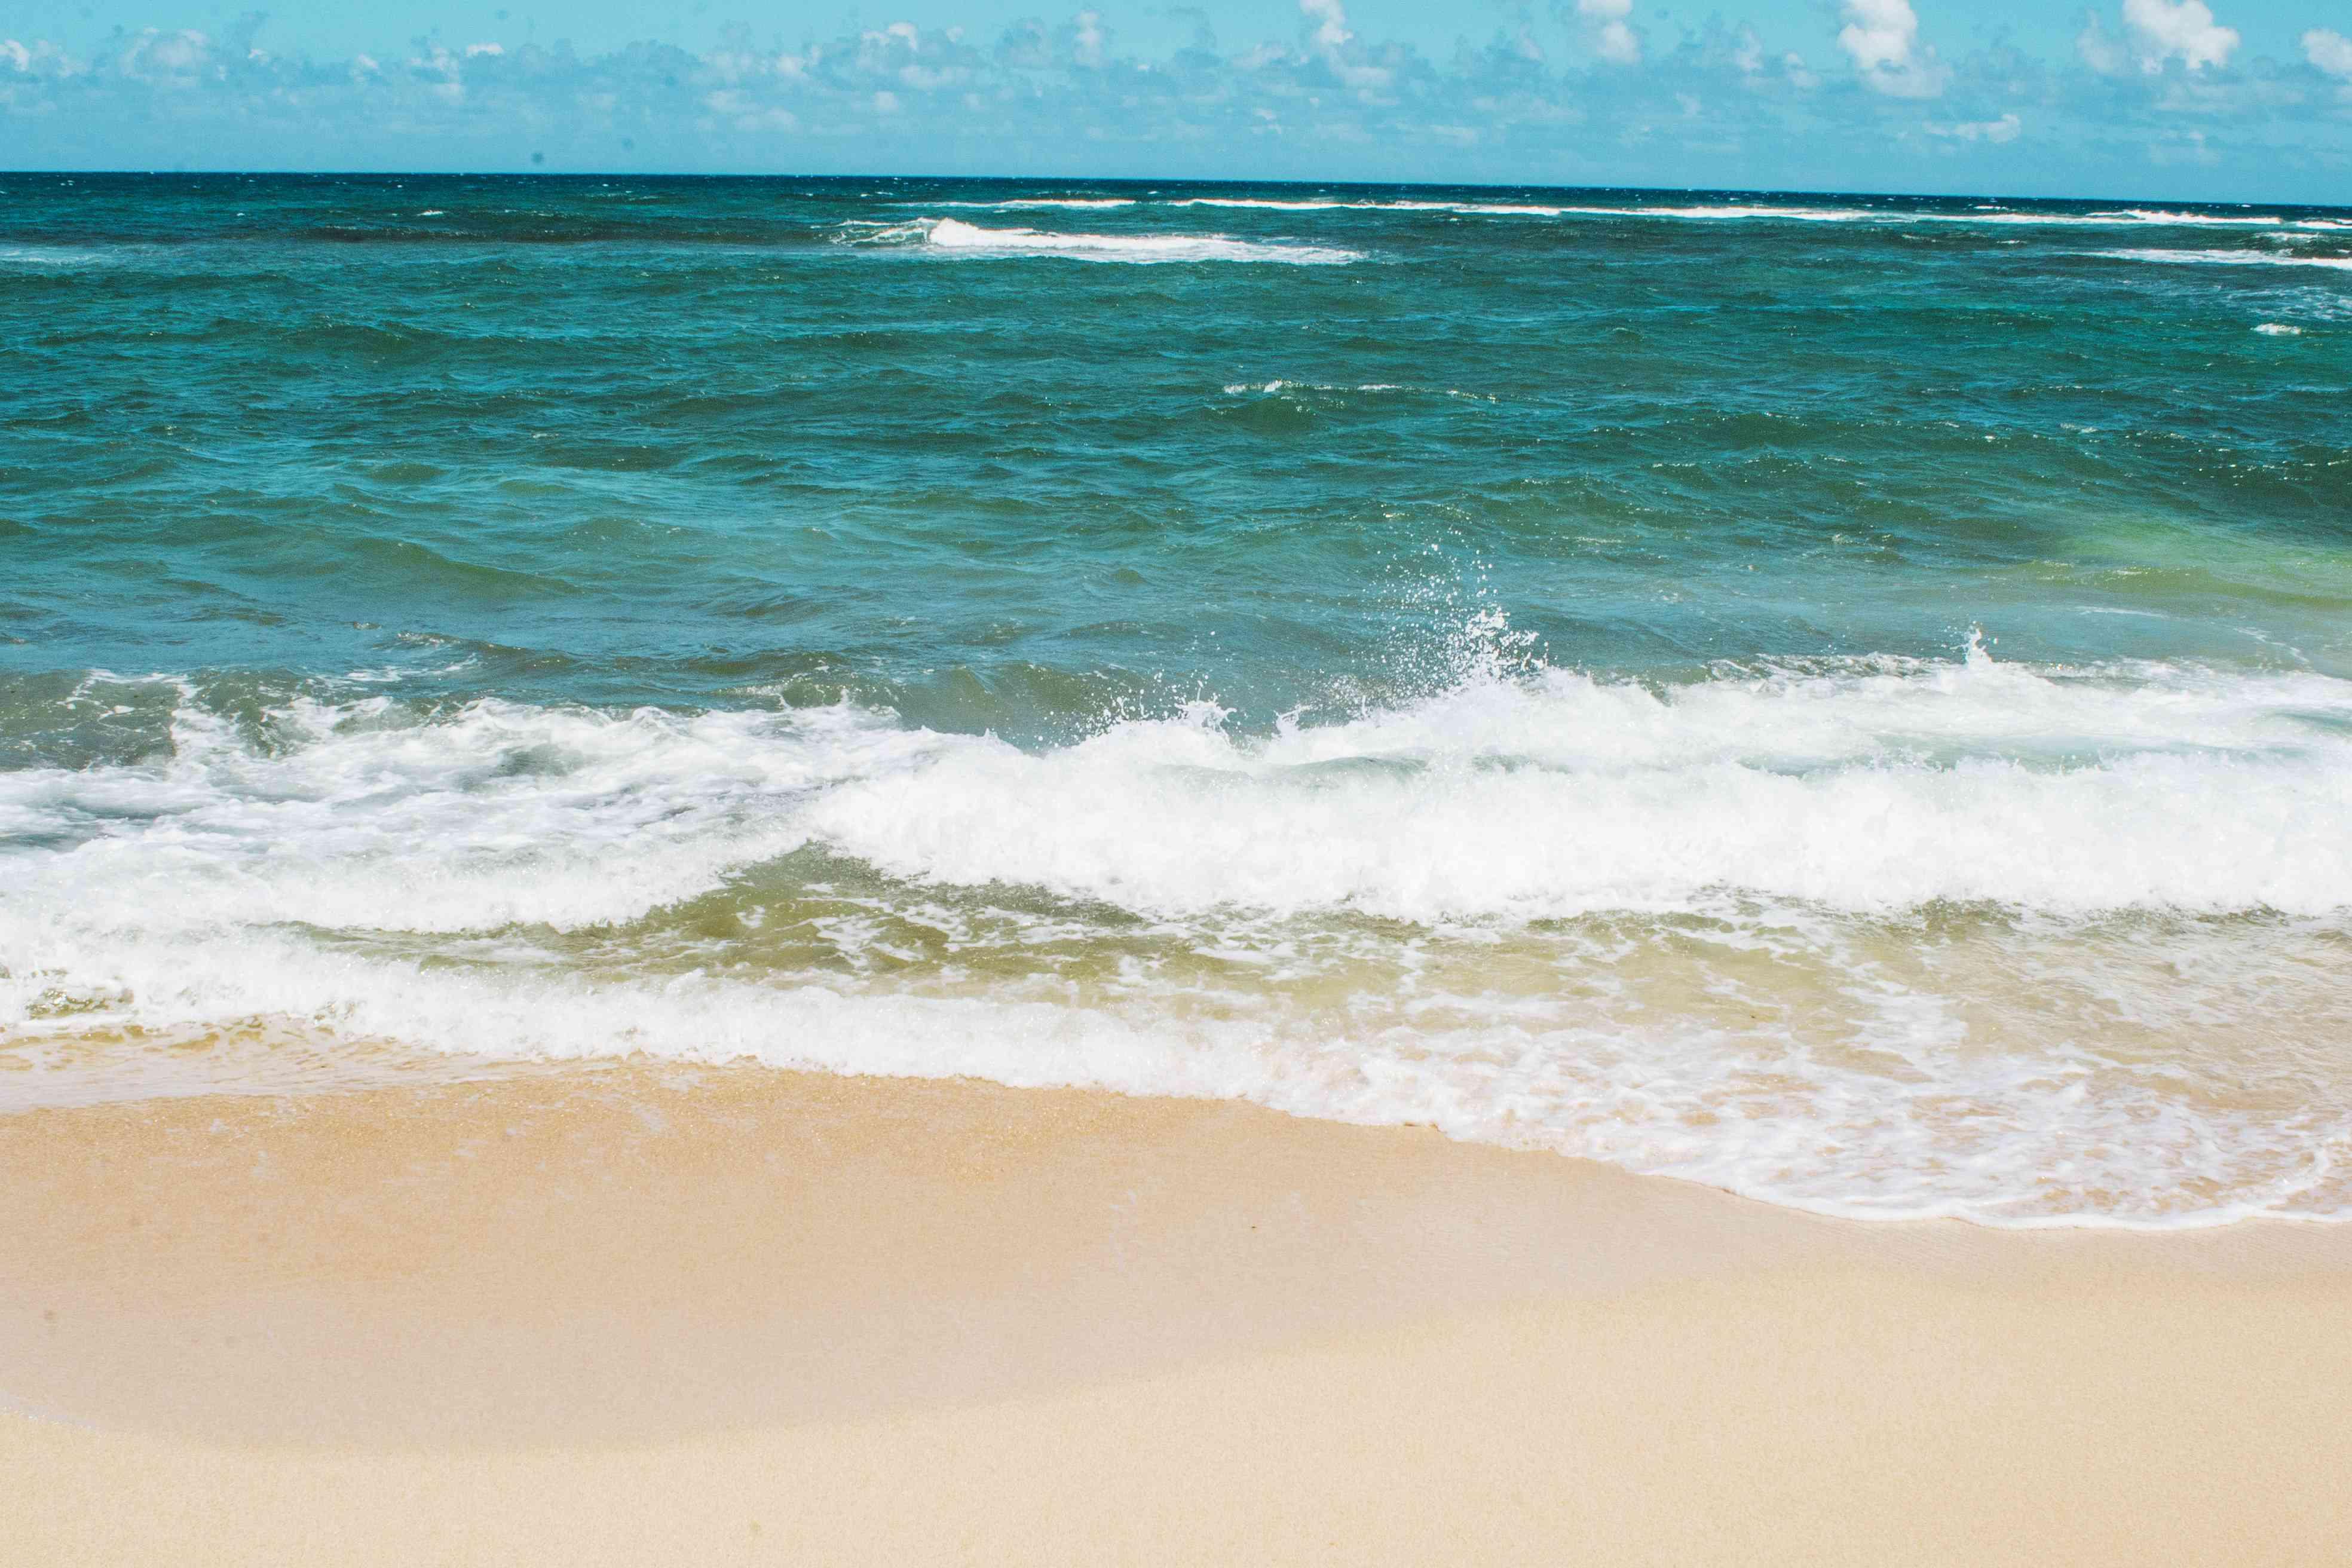 Mokulēʻia Beach Park en la costa norte de Oahu